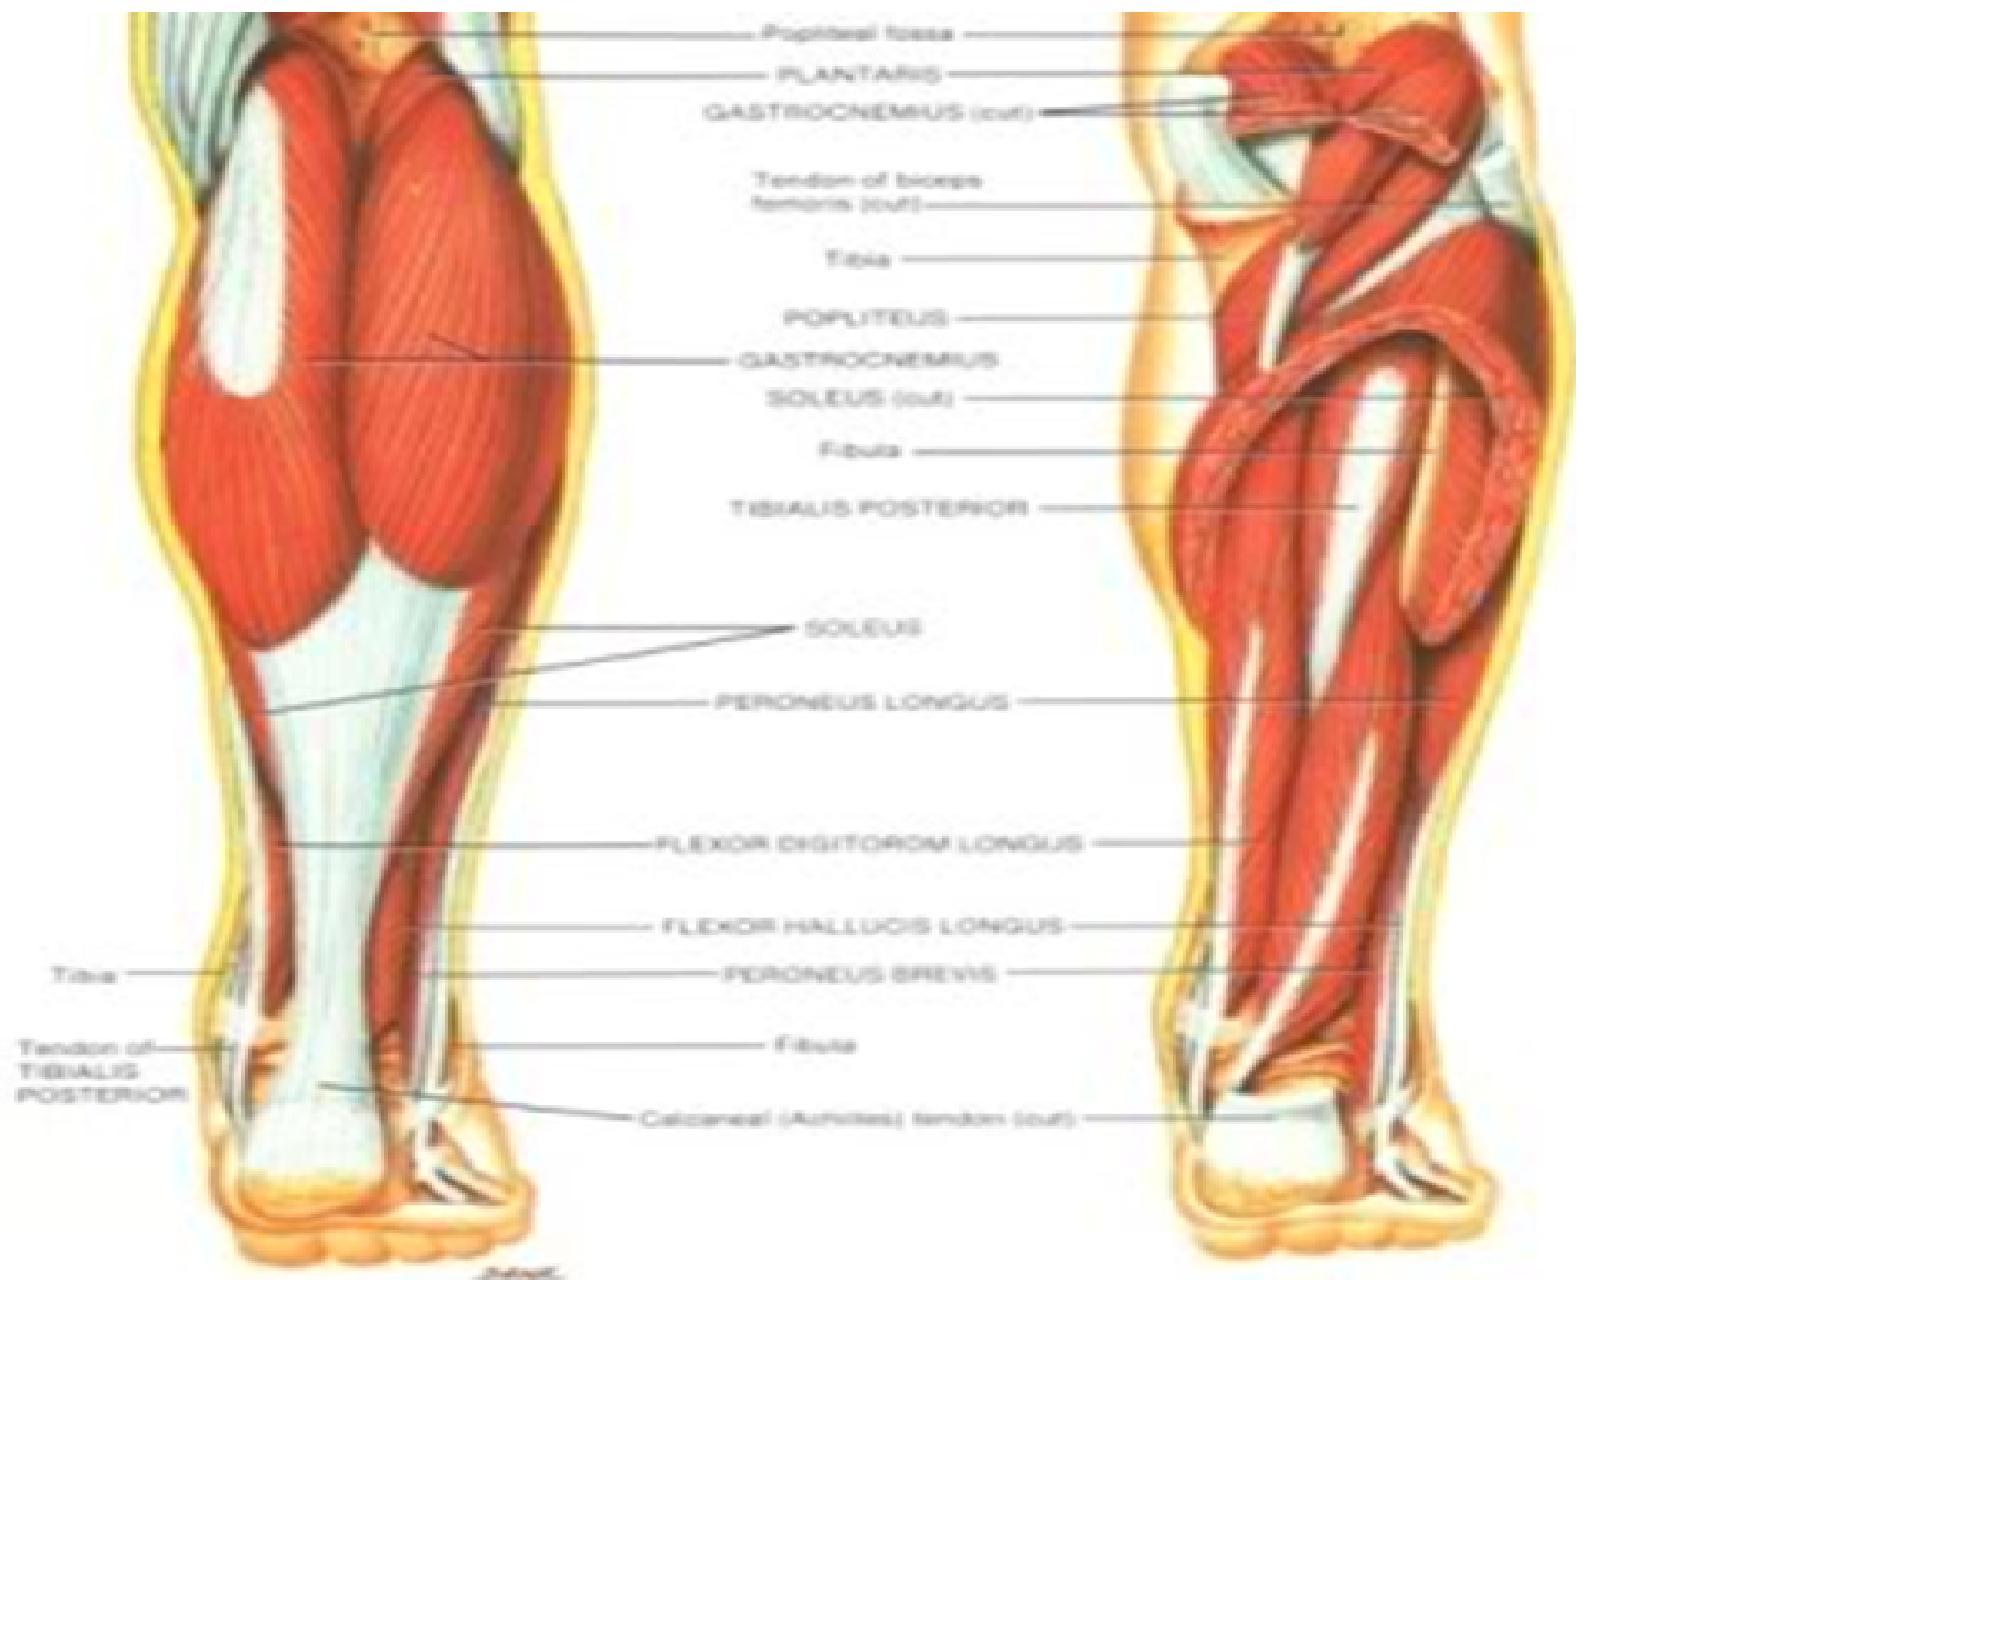 Ausgezeichnet Beine Anatomie Muskel Fotos - Anatomie Und Physiologie ...